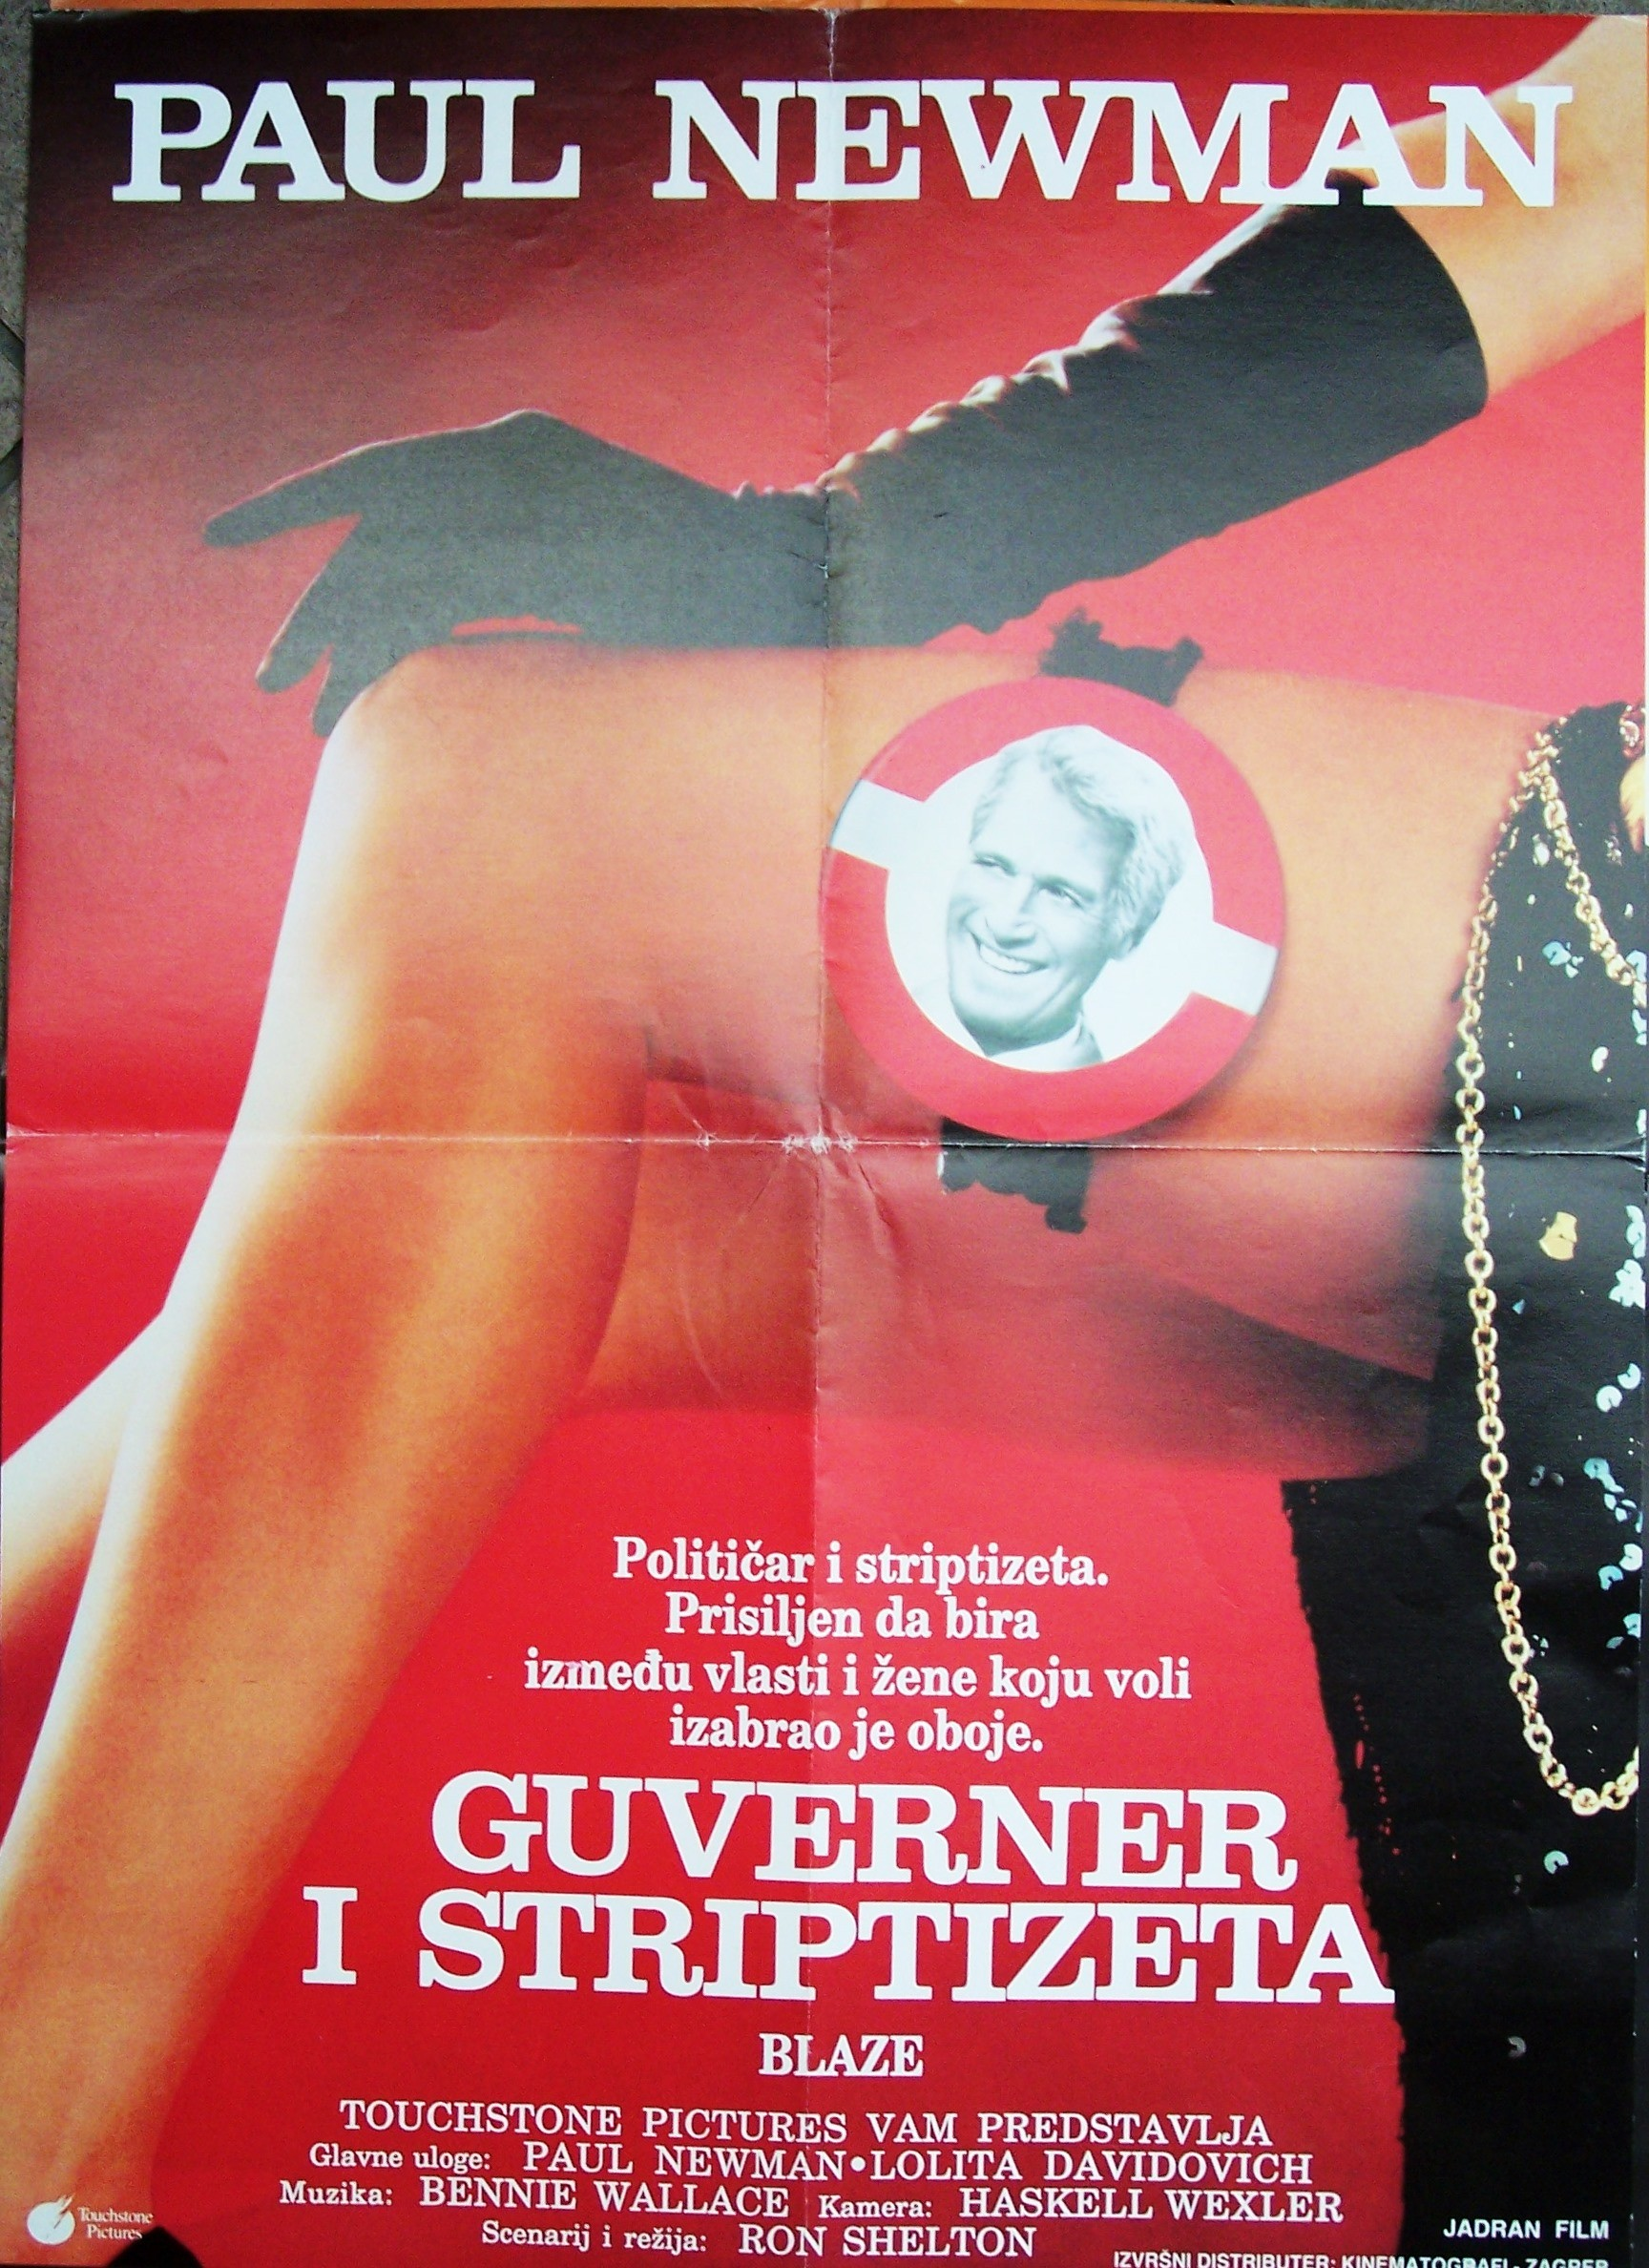 Guverner I Striptizeta